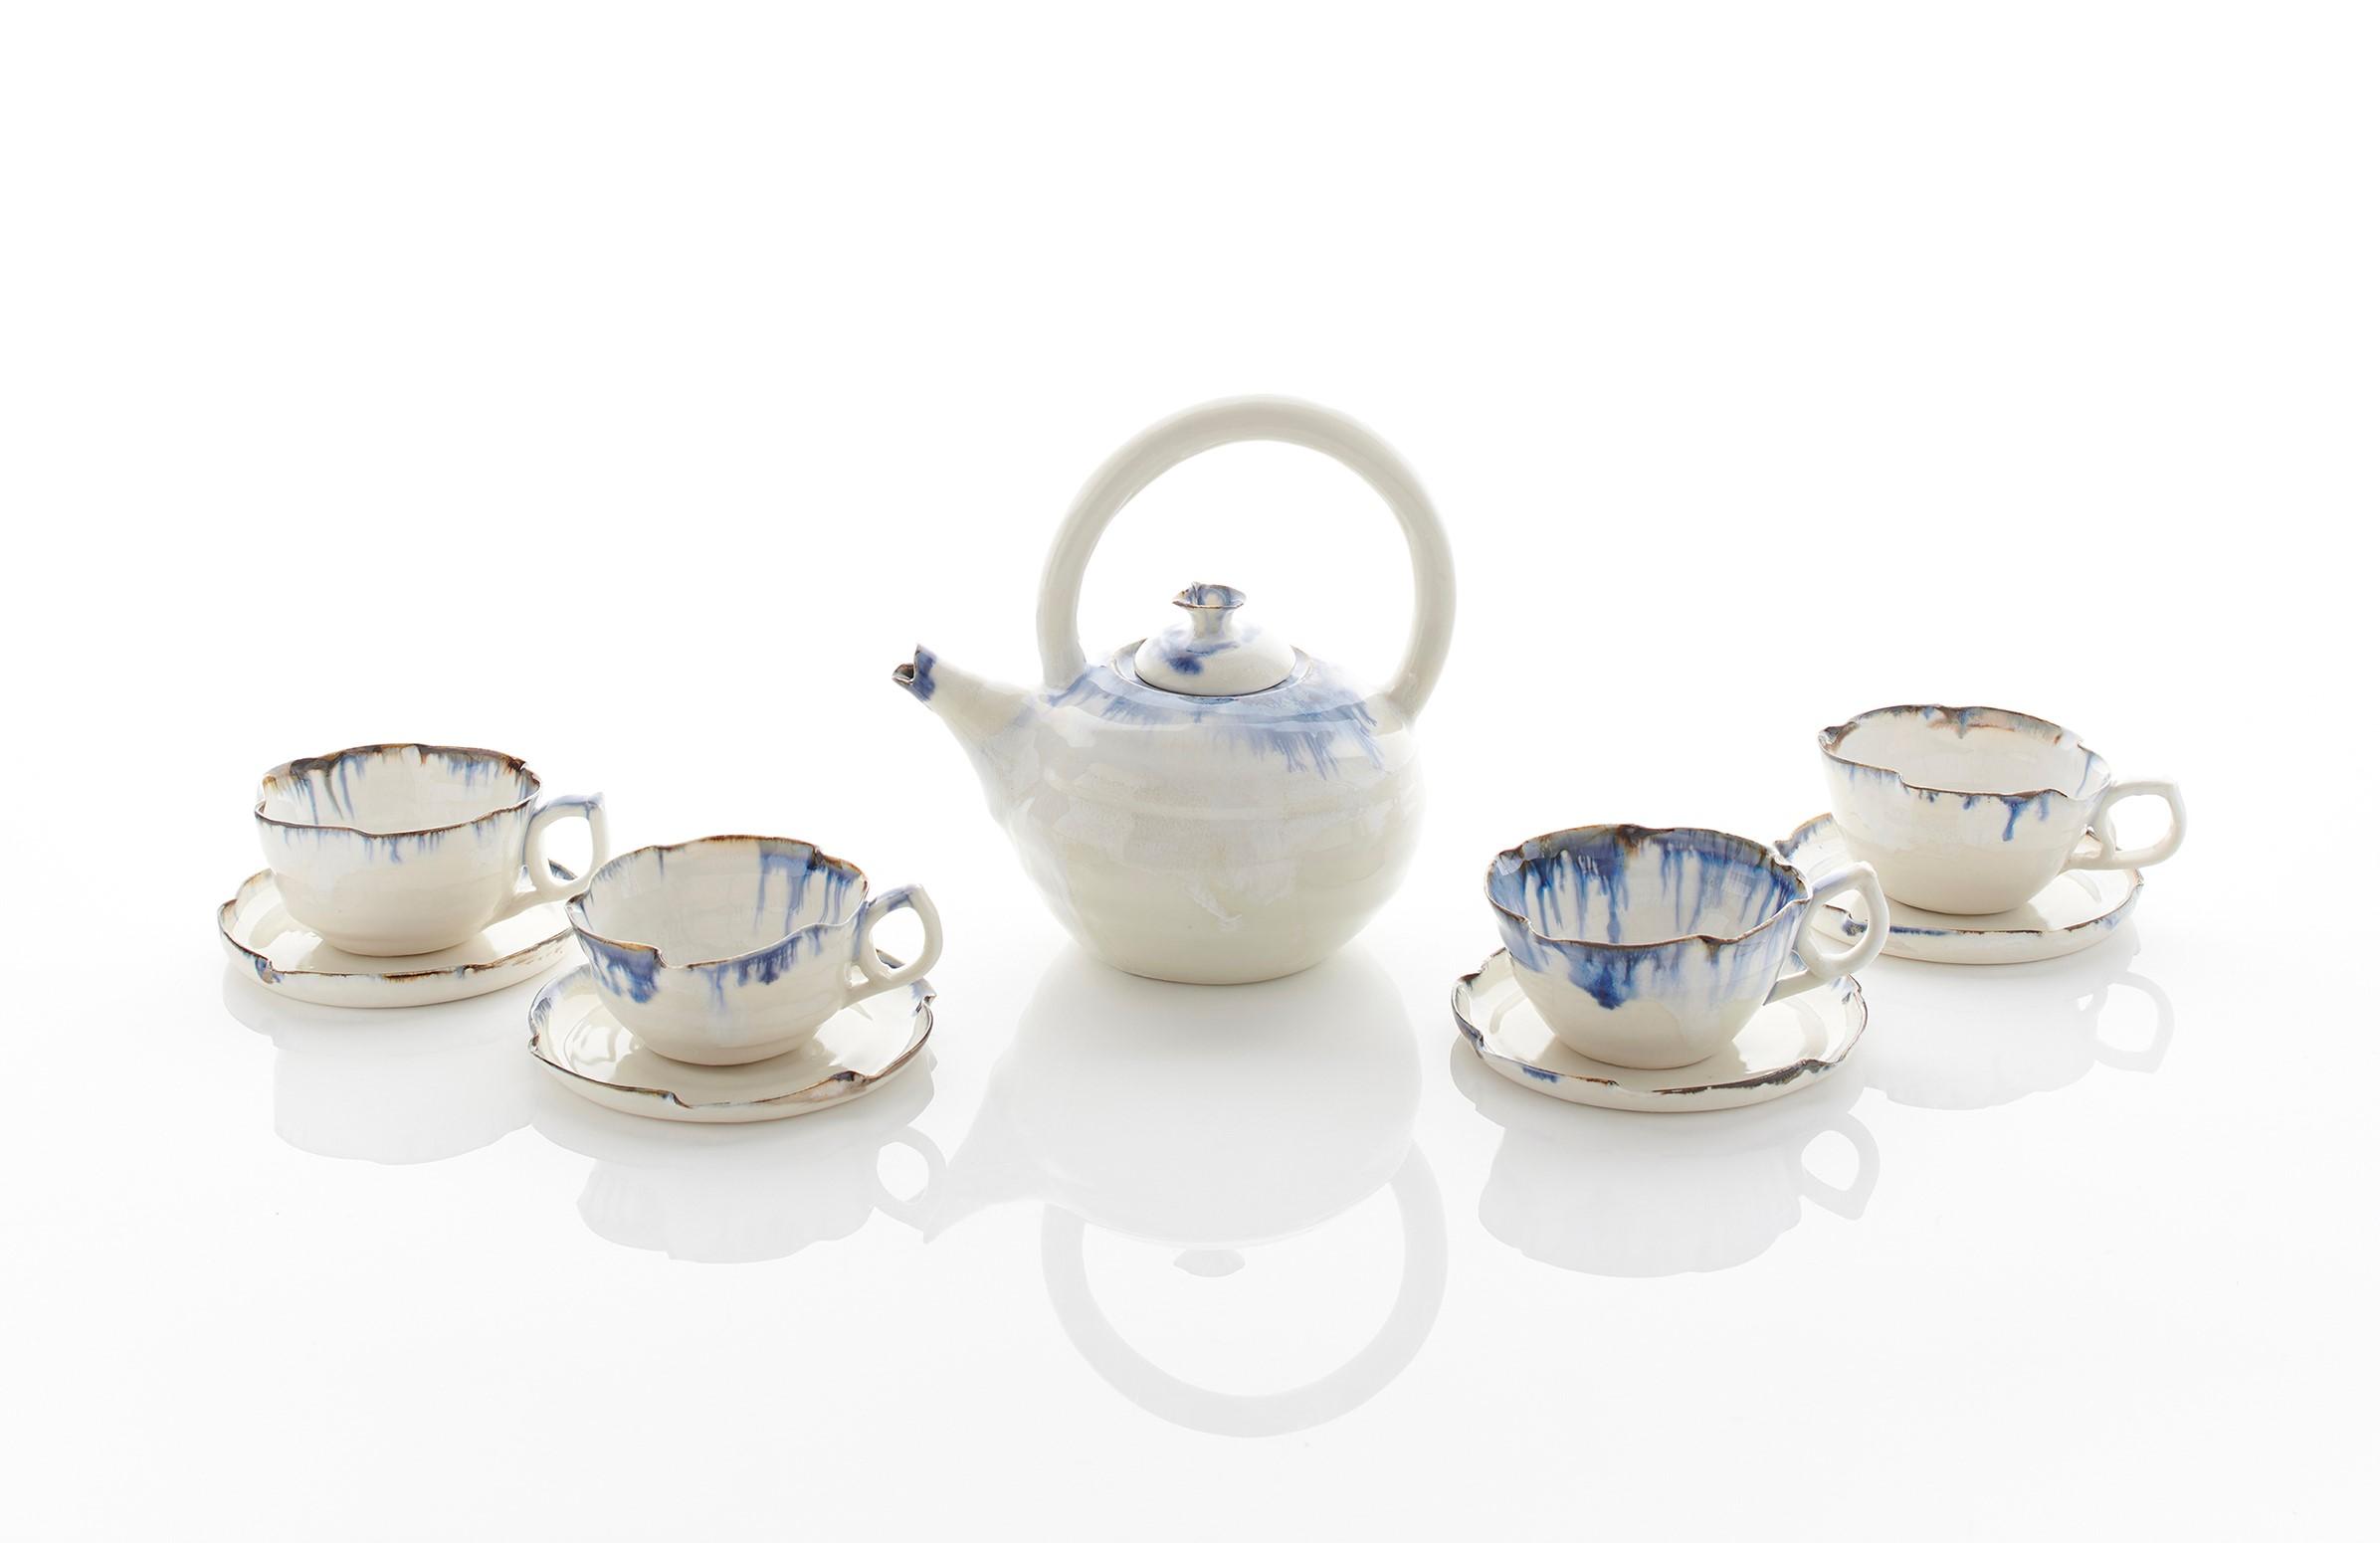 Tea cups and saucers & Teapot  8cm diam  £33 - £100